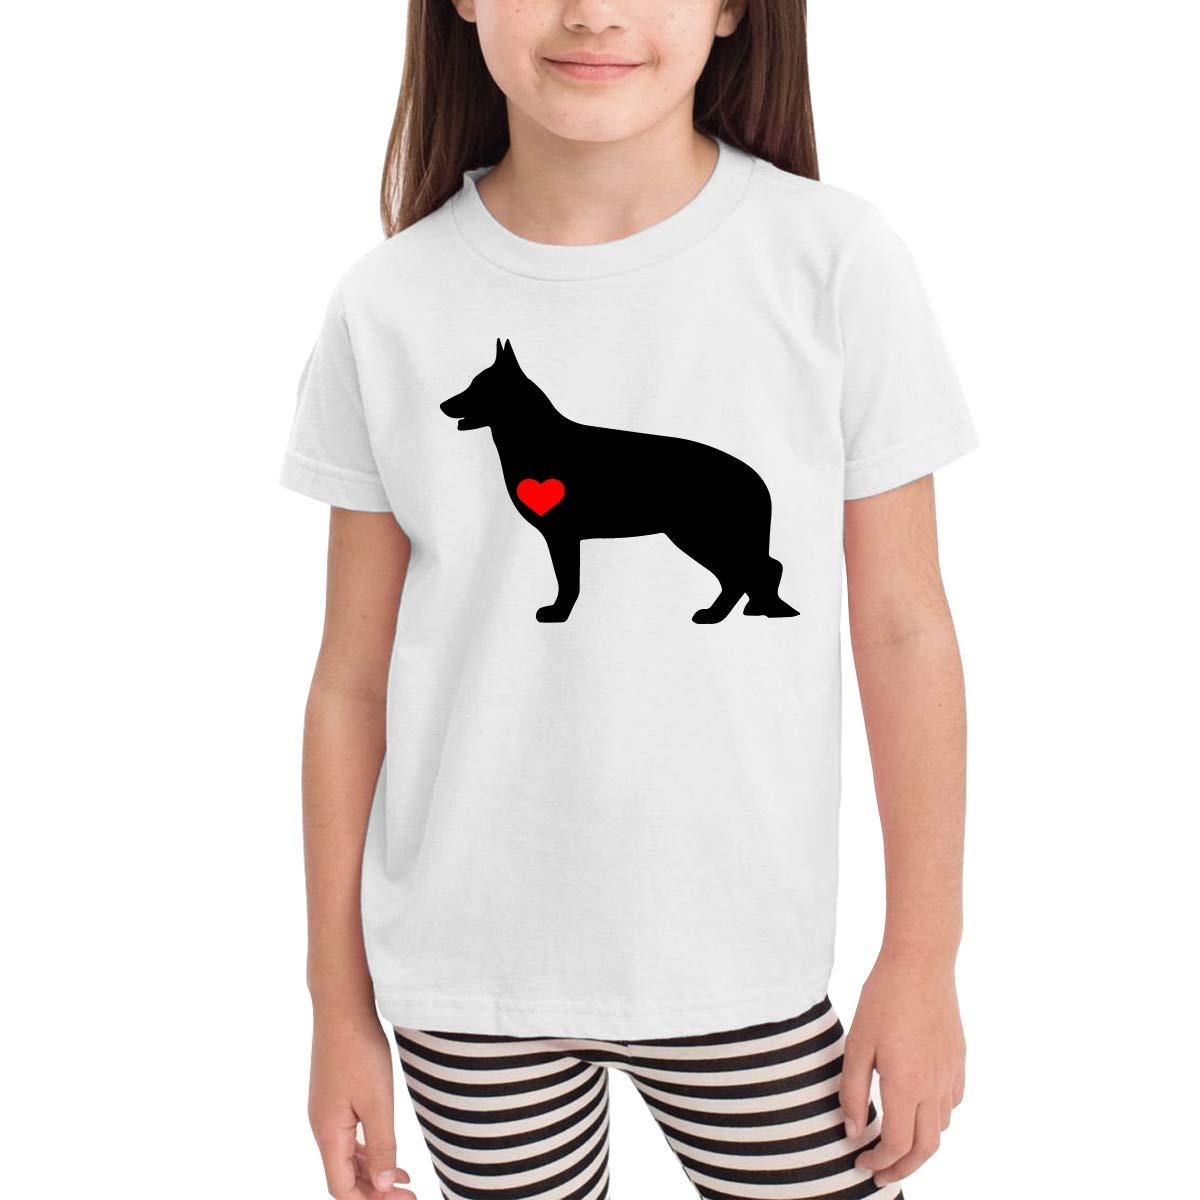 CERTONGCXTS Little Boys German Shepherd with Heart Cute Short Sleeve Tee Shirt Size 2-6